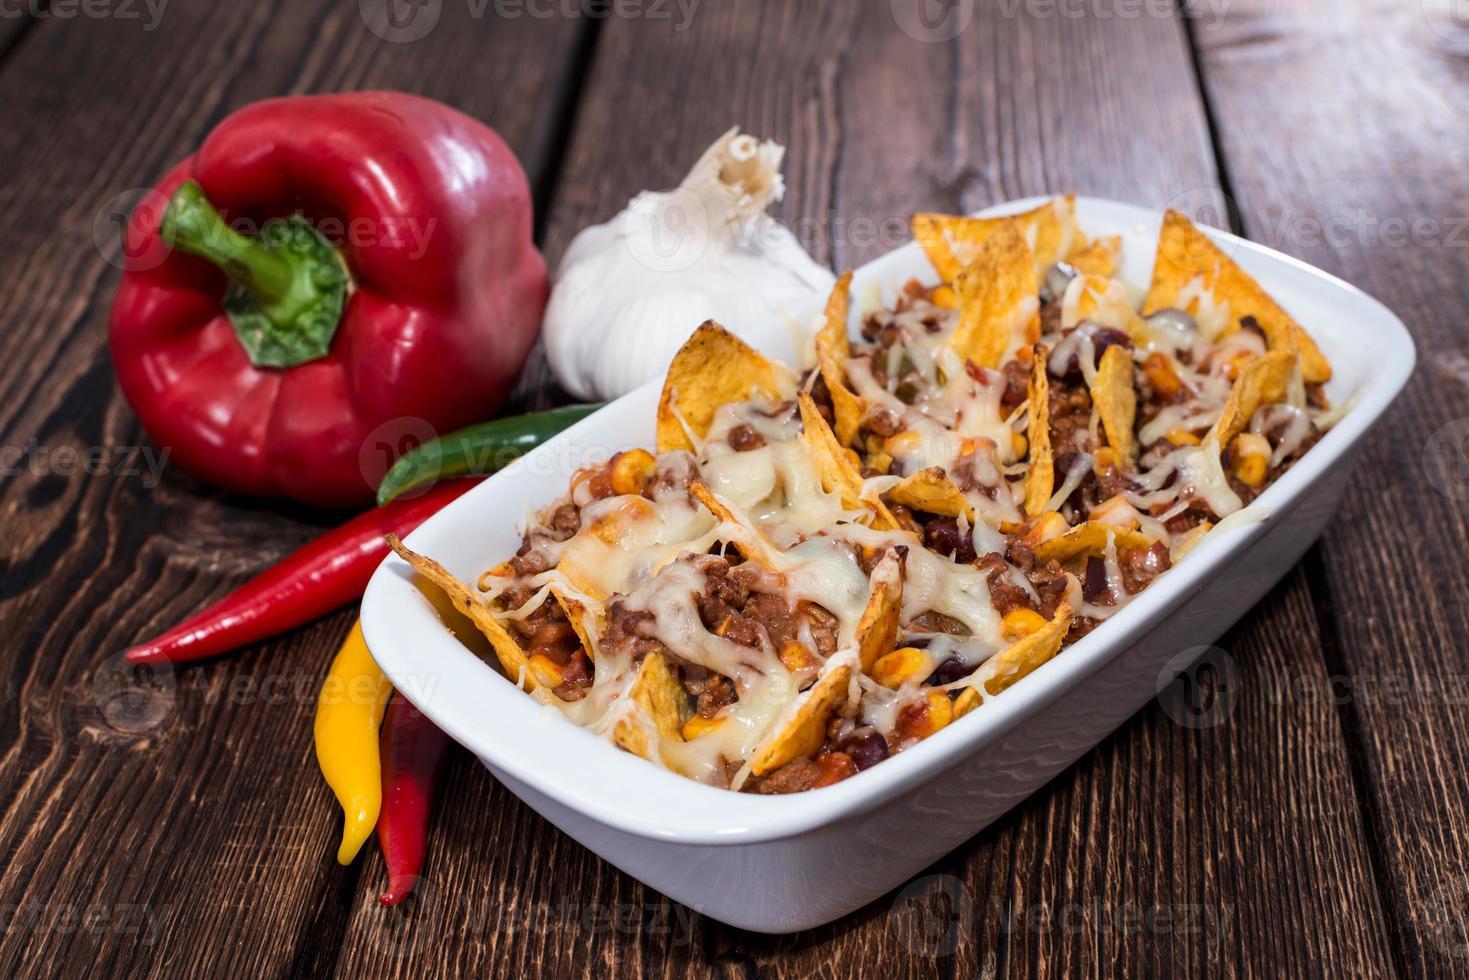 nachos gratinado com queijo foto